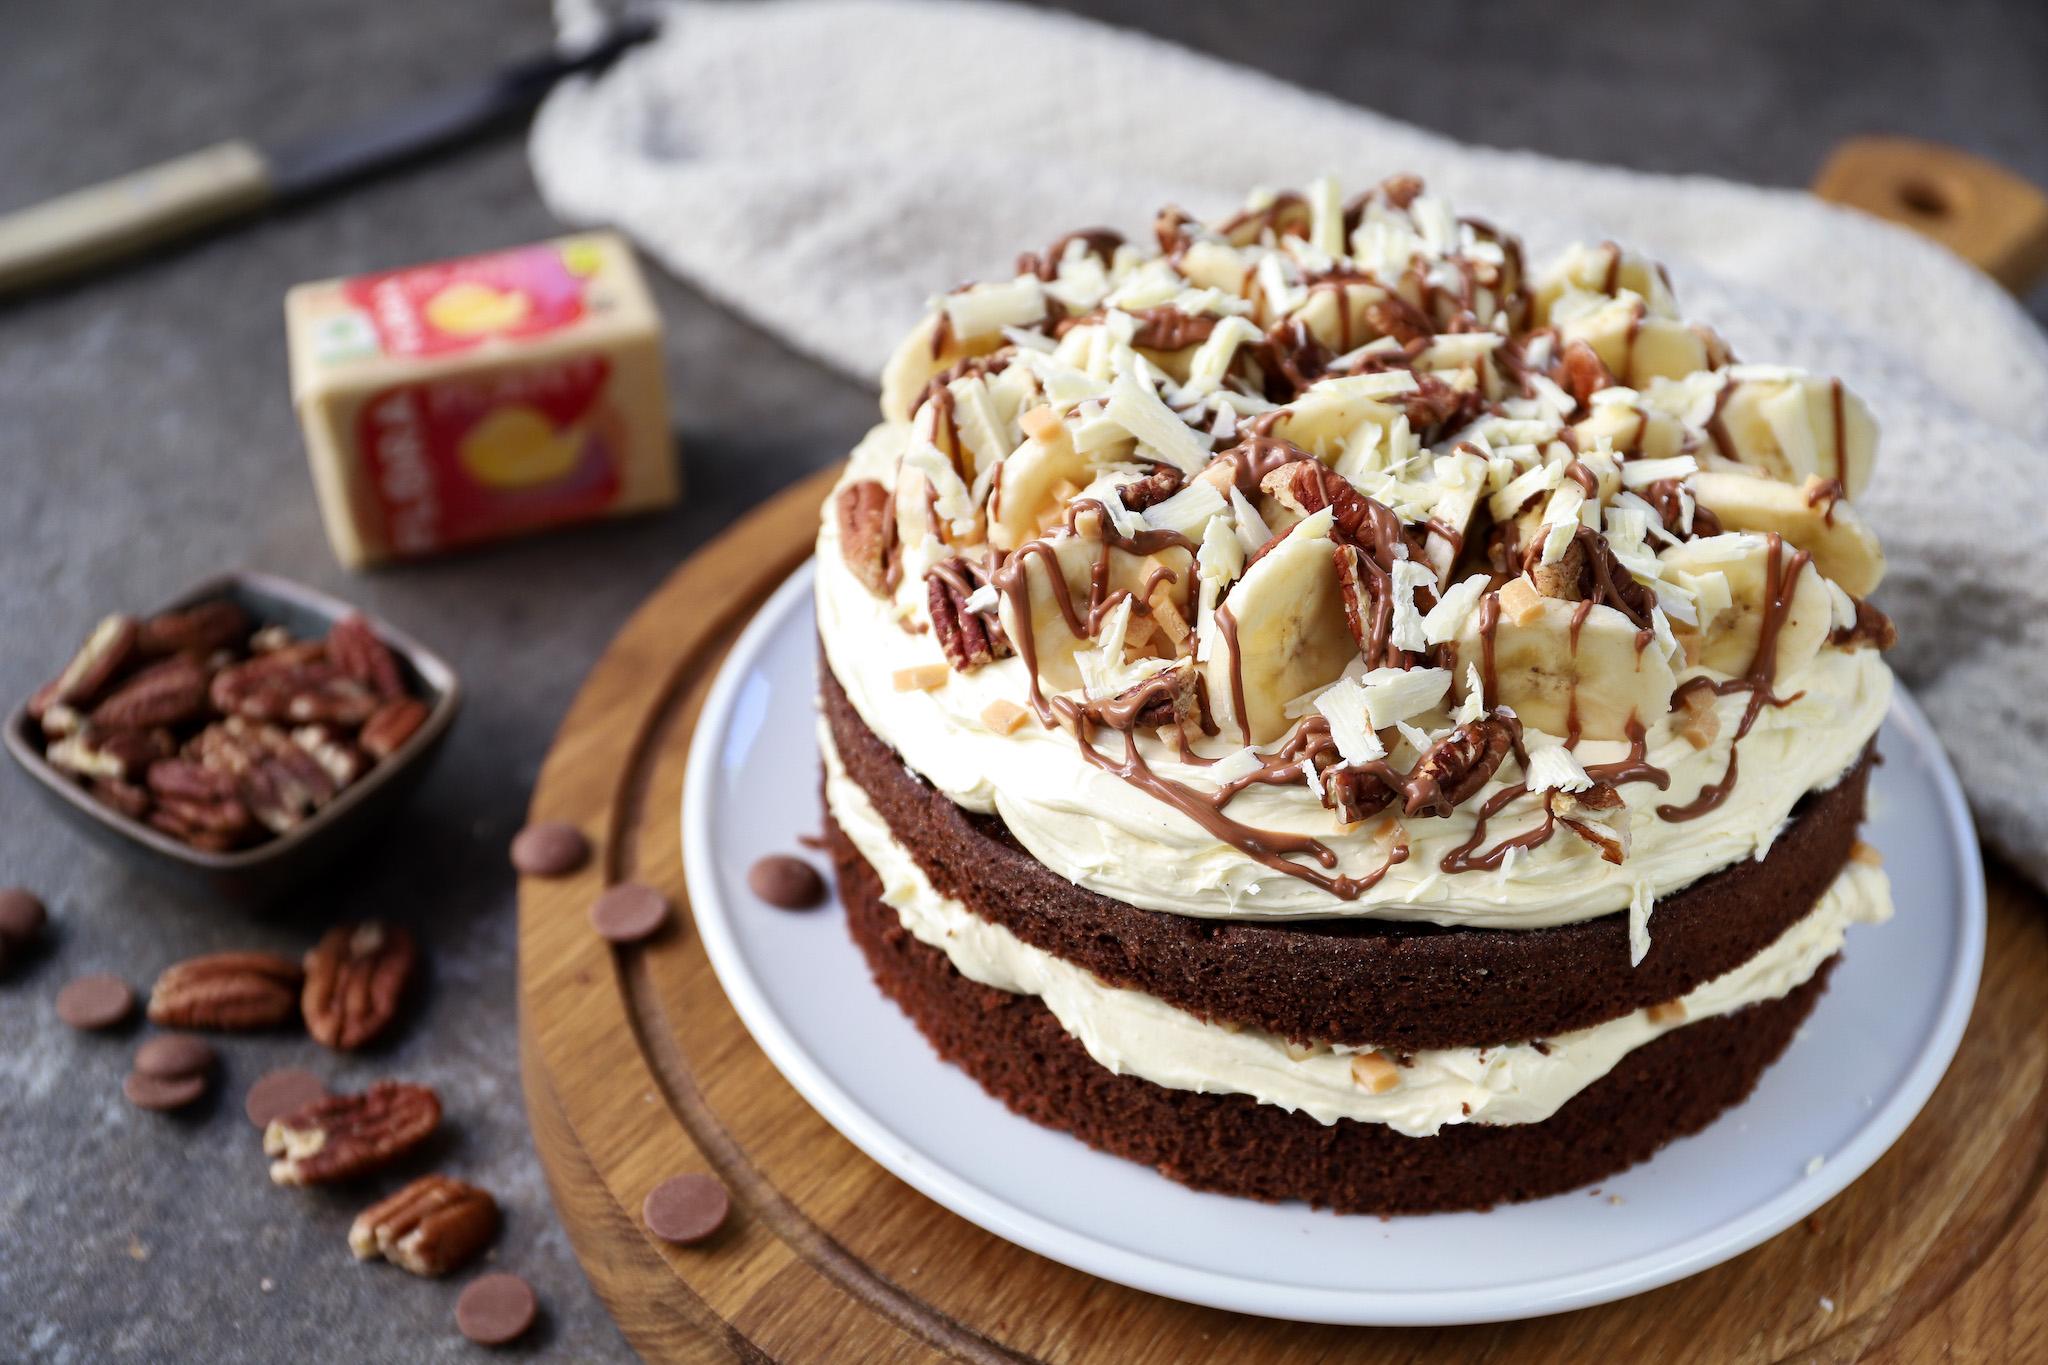 Chocolade-crèmetaart met banaan, karamel en pecannoten